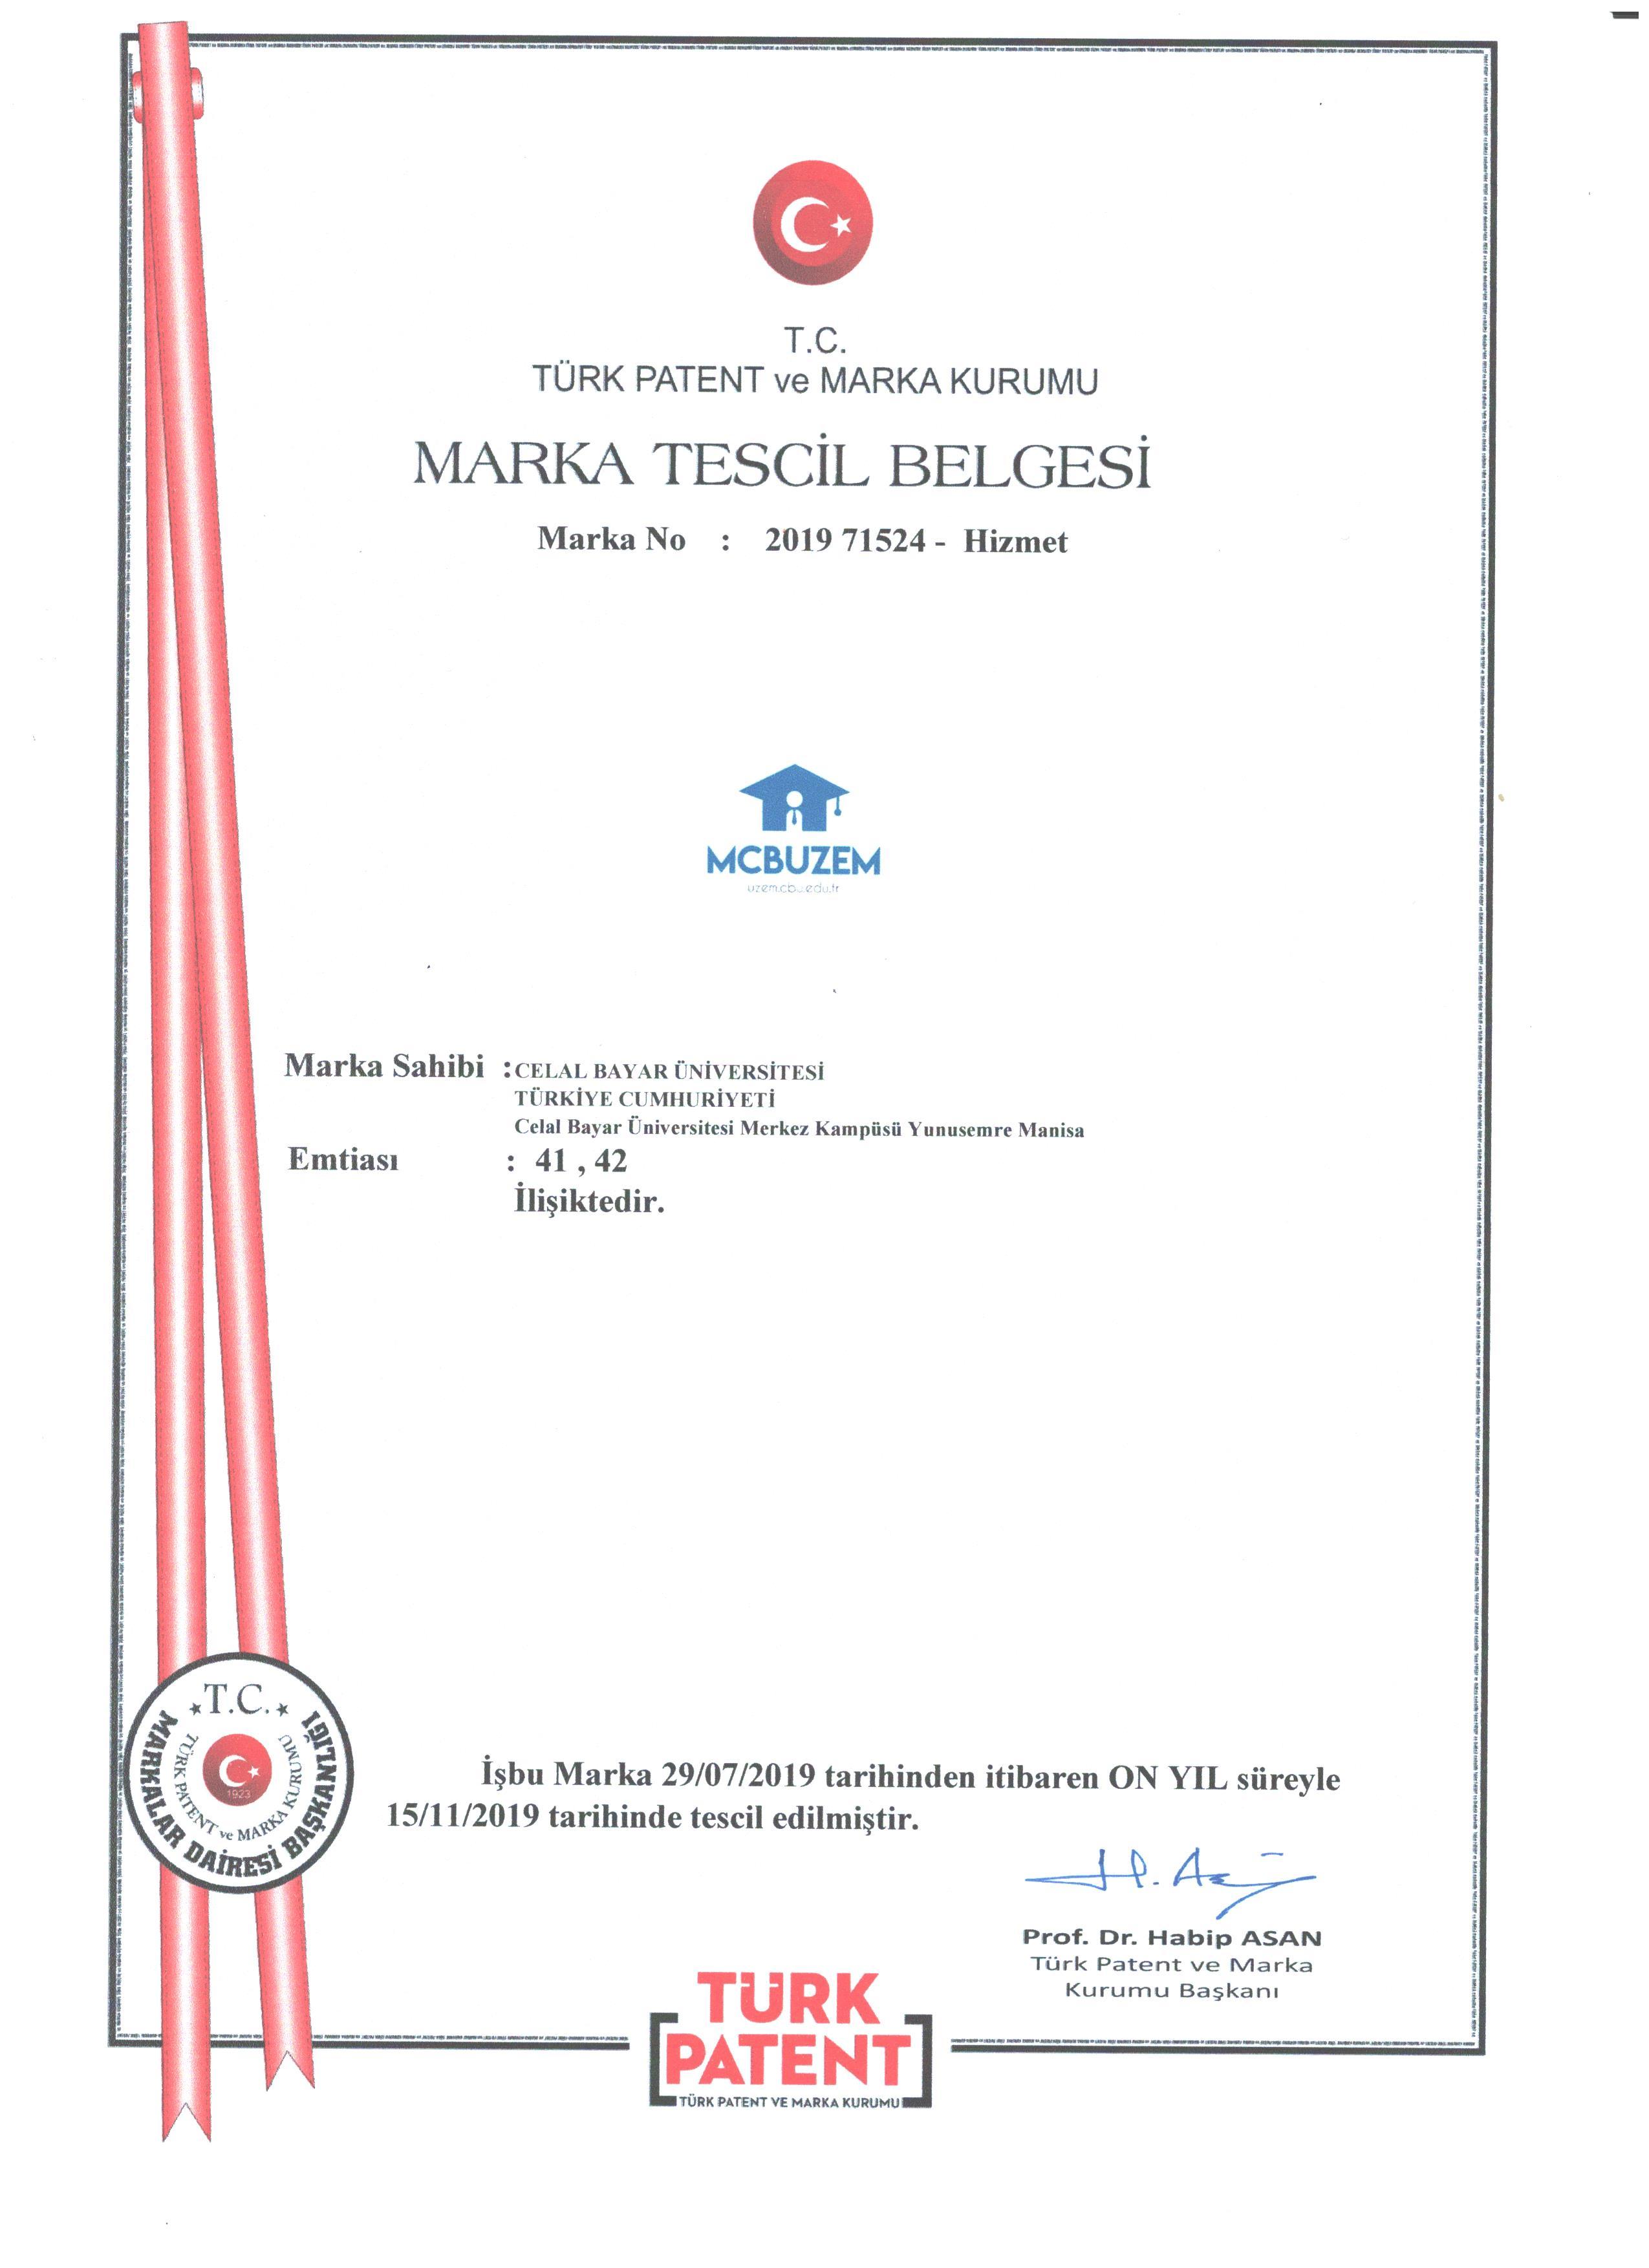 Marka Tescili - UZEM